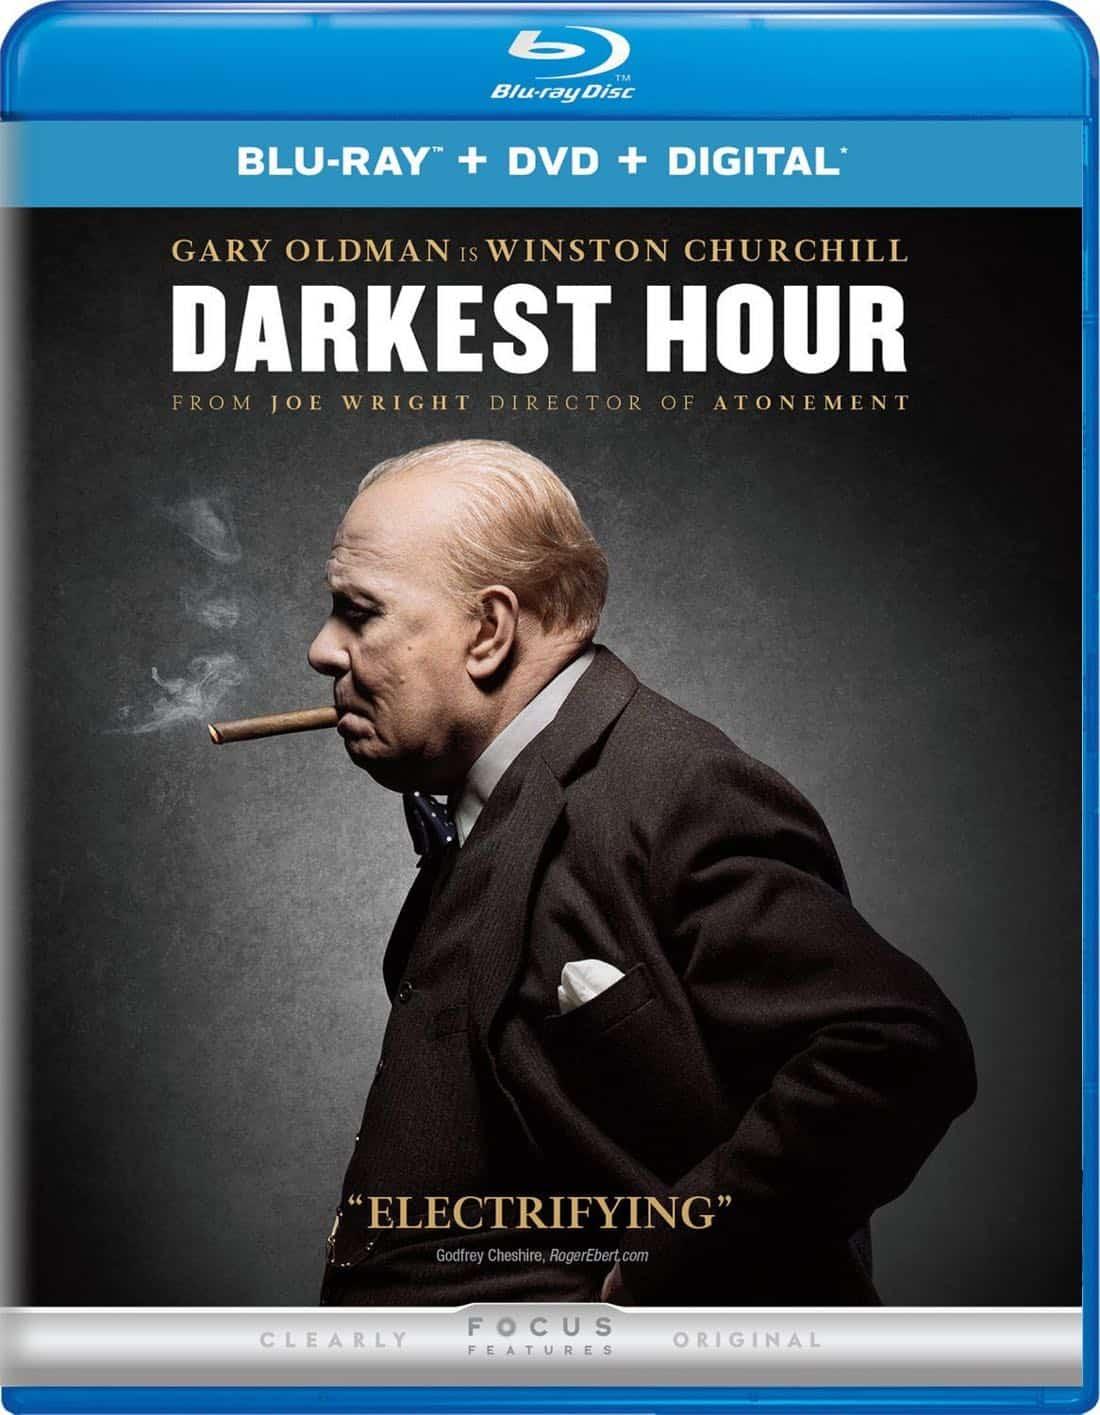 Darkest-Hour-Bluray-DVD-Digital_